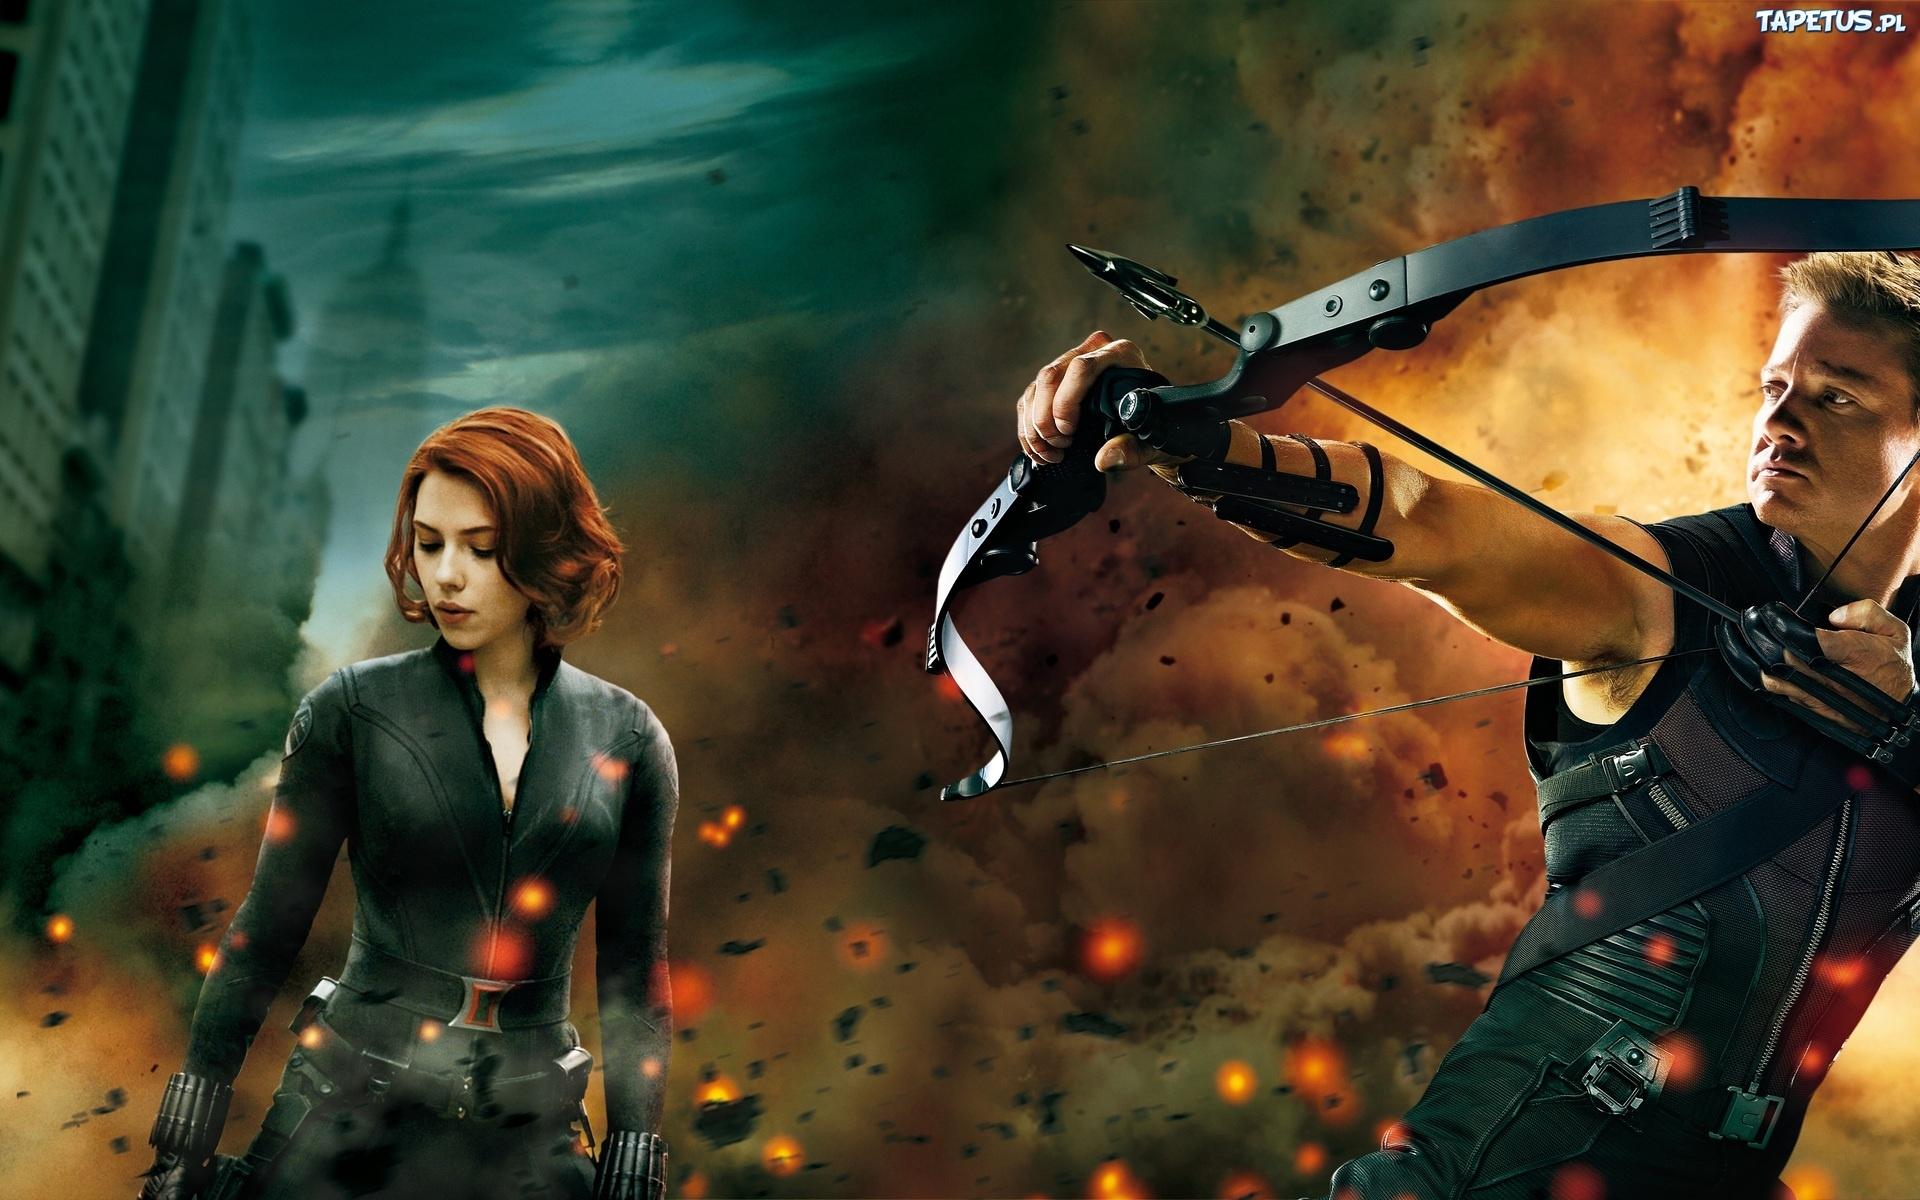 Avengers, Bohaterowie, Scarlett Johansson, Jeremy Renner